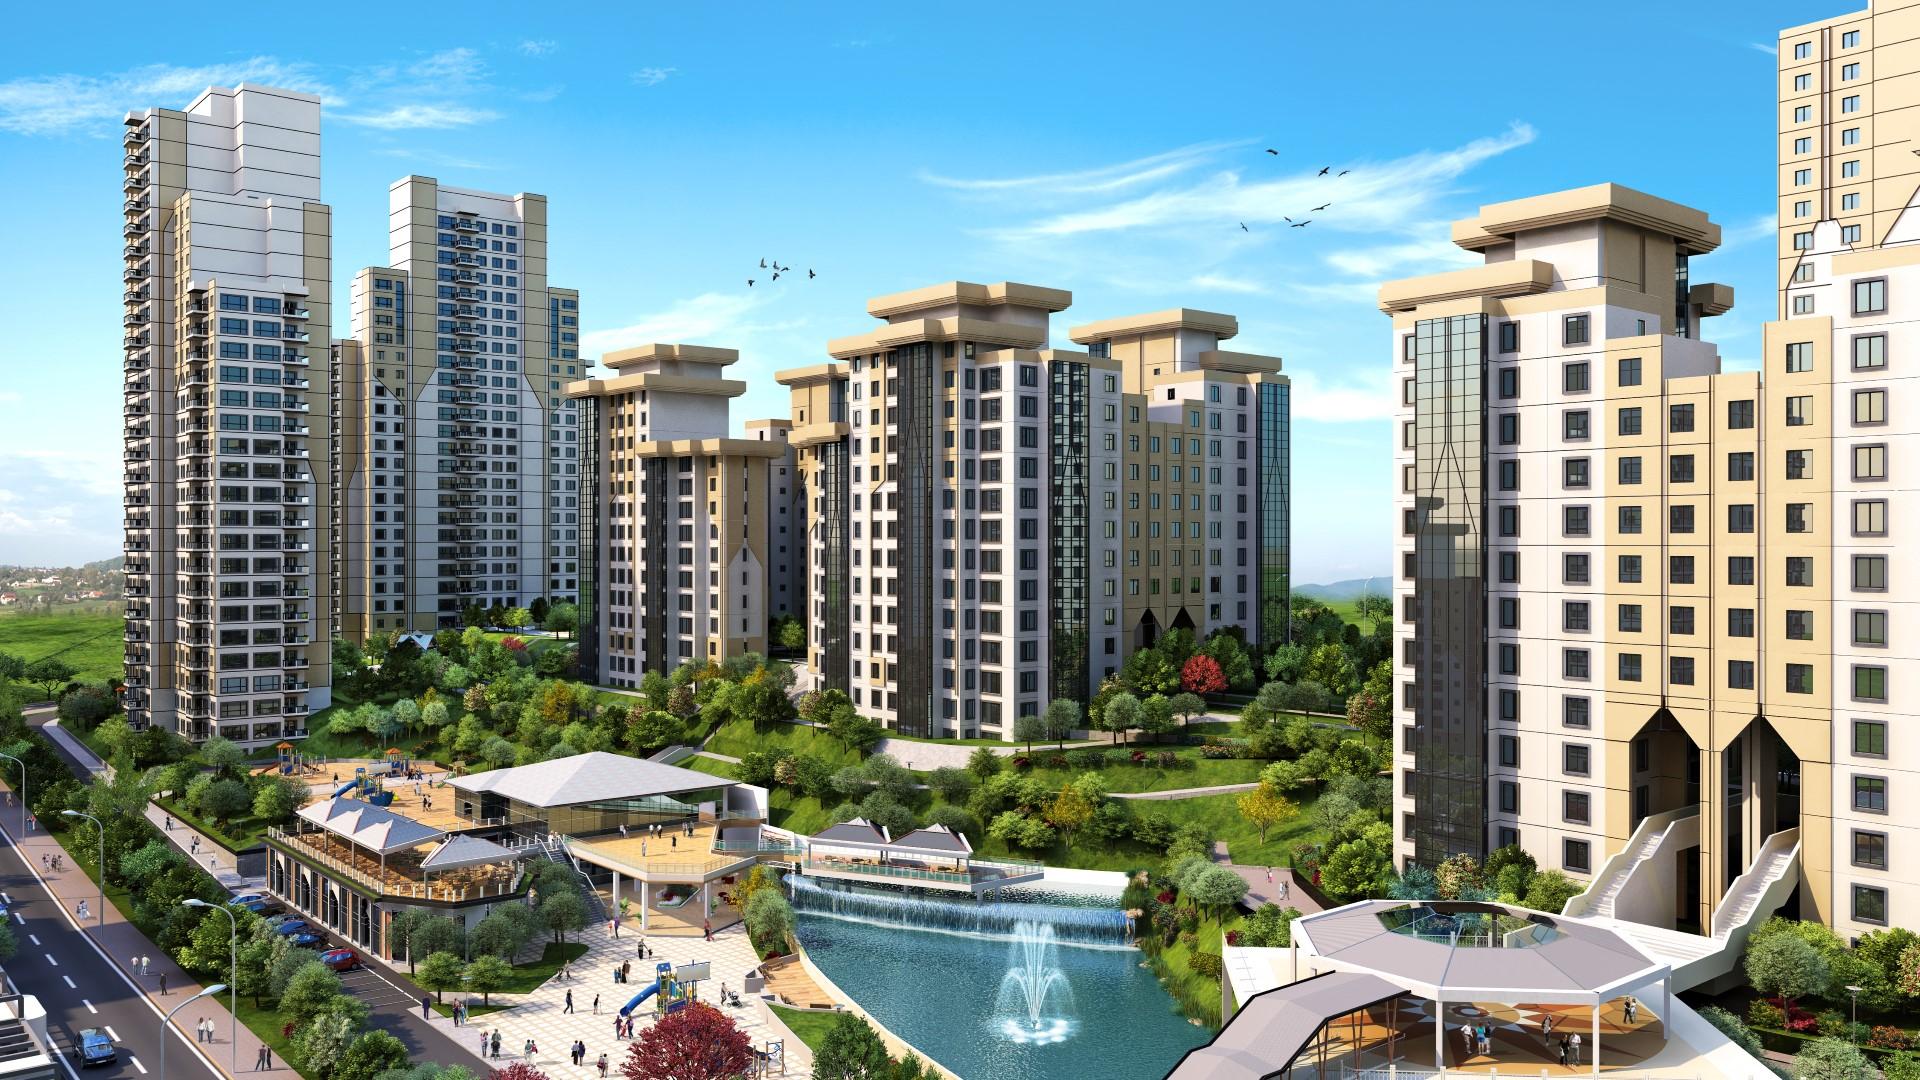 مميزات و تفاصيل السكن في مجمعات سكنية في اسطنبول